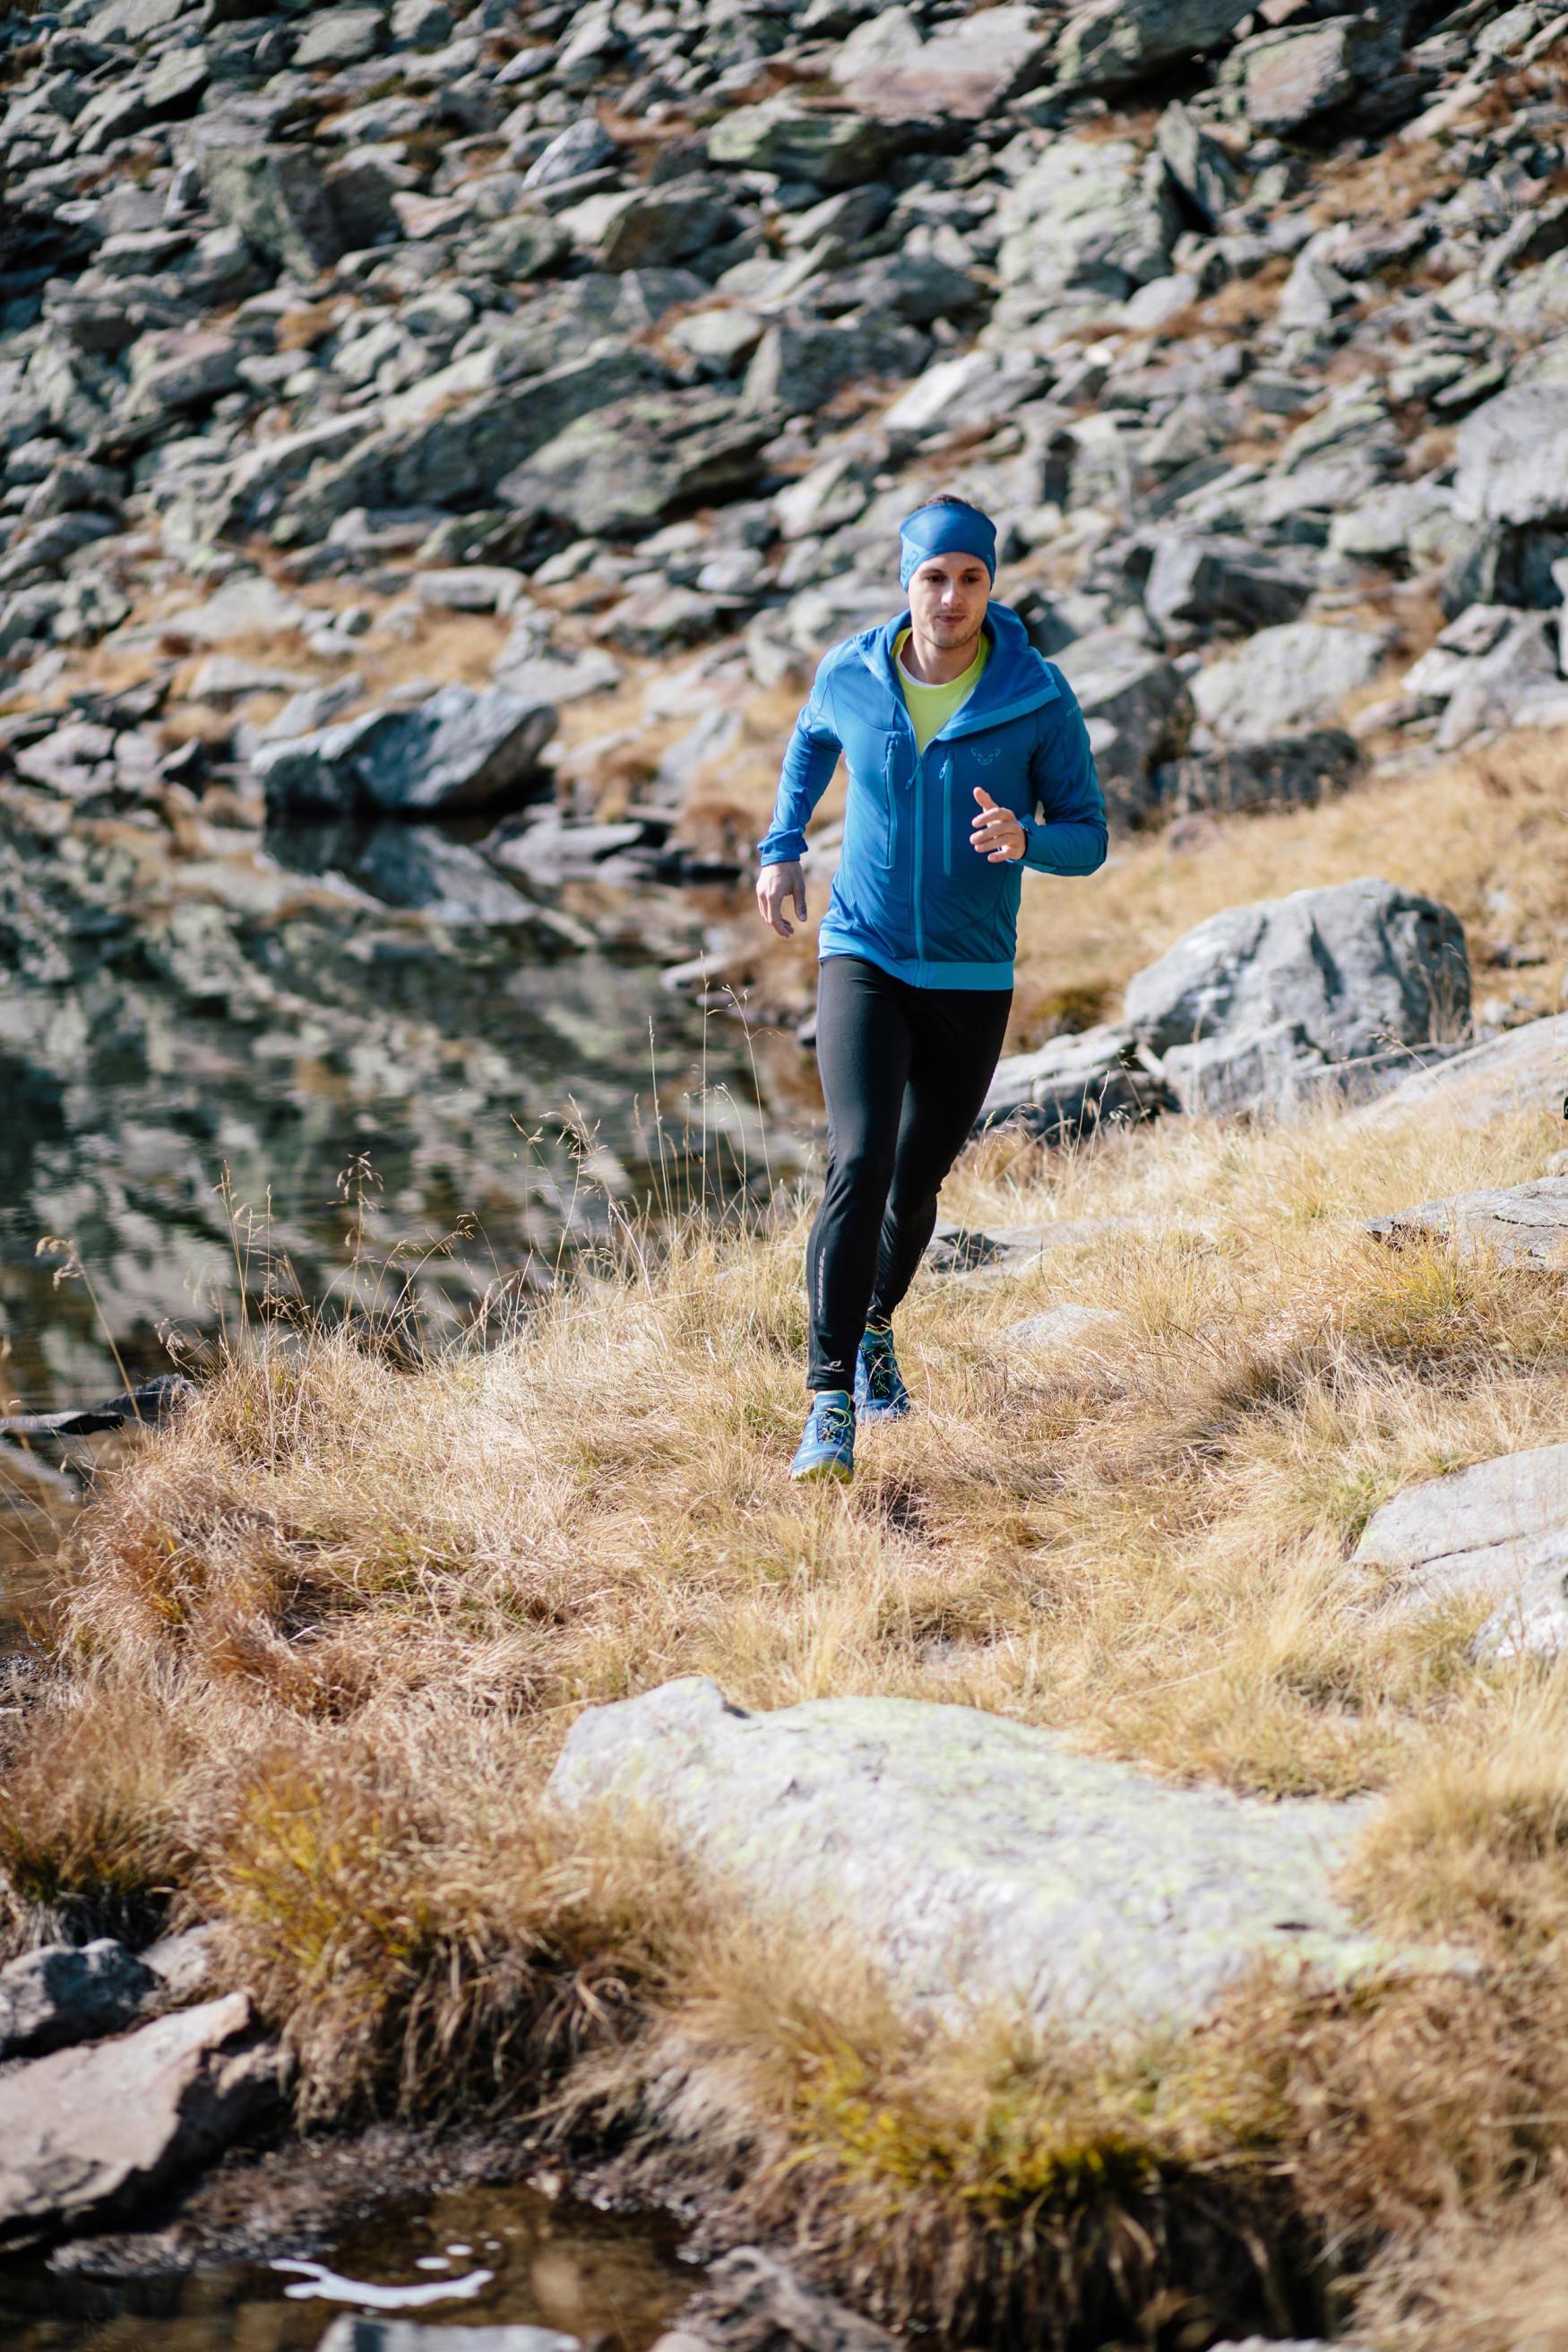 Reinschlüpfen, loslegen, wohlfühlen: Der neue Multifunktionsschuh AEROX GTX LO ist mit der 100% wasserdichten und atmungsaktiven GORE-TEX-SURROUND®-Technologie ausgestattet, die für ein rundum perfektes Fußklima sorgt. Aber auch die dämpfende LOWA DynaPU®-Sohle und der Stabilizer Frame garantieren besten Tragekomfort. In Kombination mit dem LOWA MONOWRAP® ist das sportlich-athletische Multitalent der perfekte Begleiter bei diversen Aktivitäten.